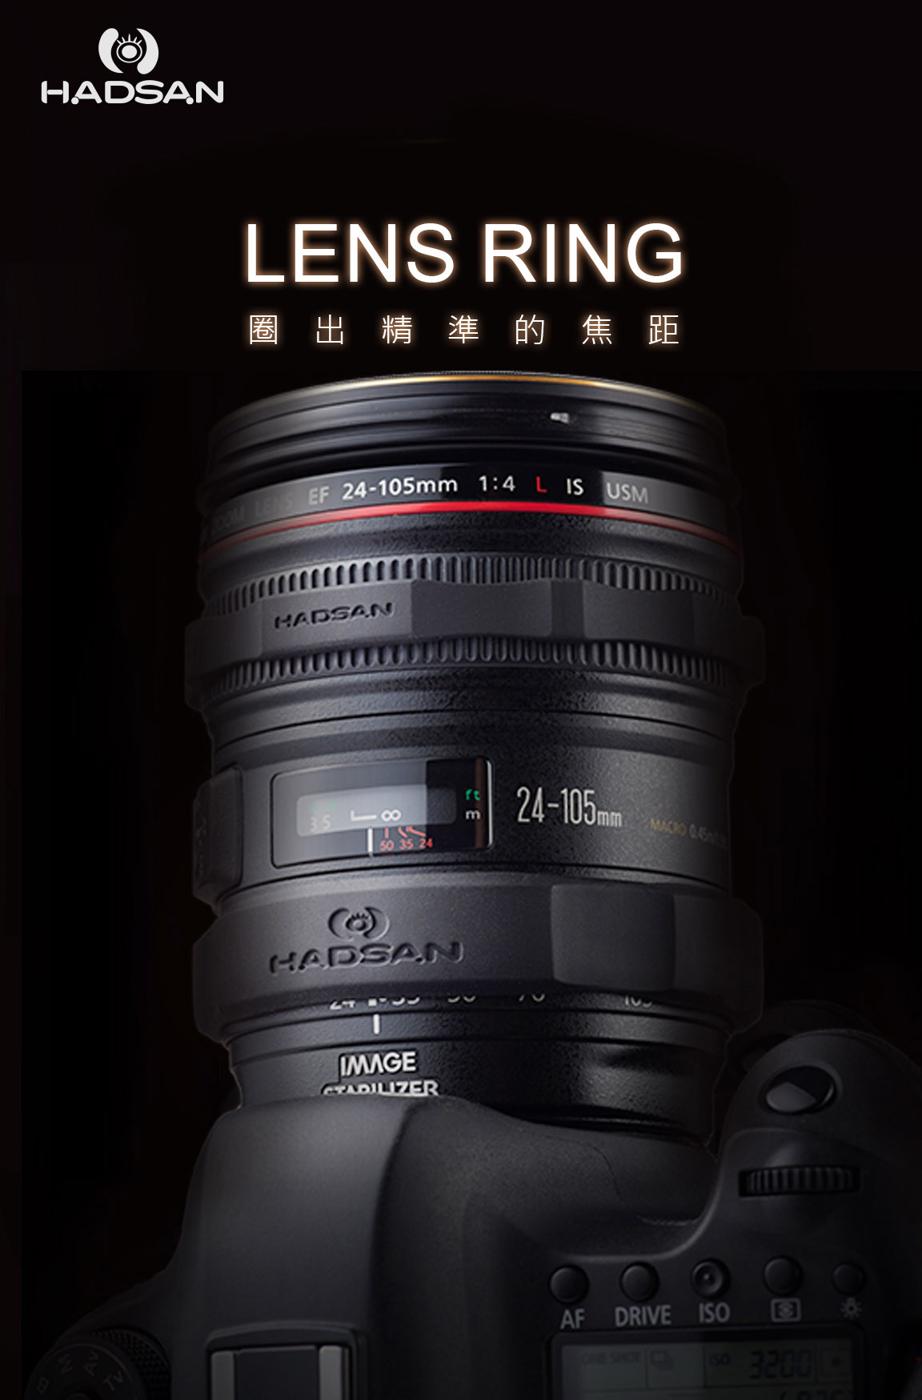 呈現攝影-HADSAN鏡頭對焦環組黑色鏡頭環對焦環各1無毒矽膠單眼鏡頭相機